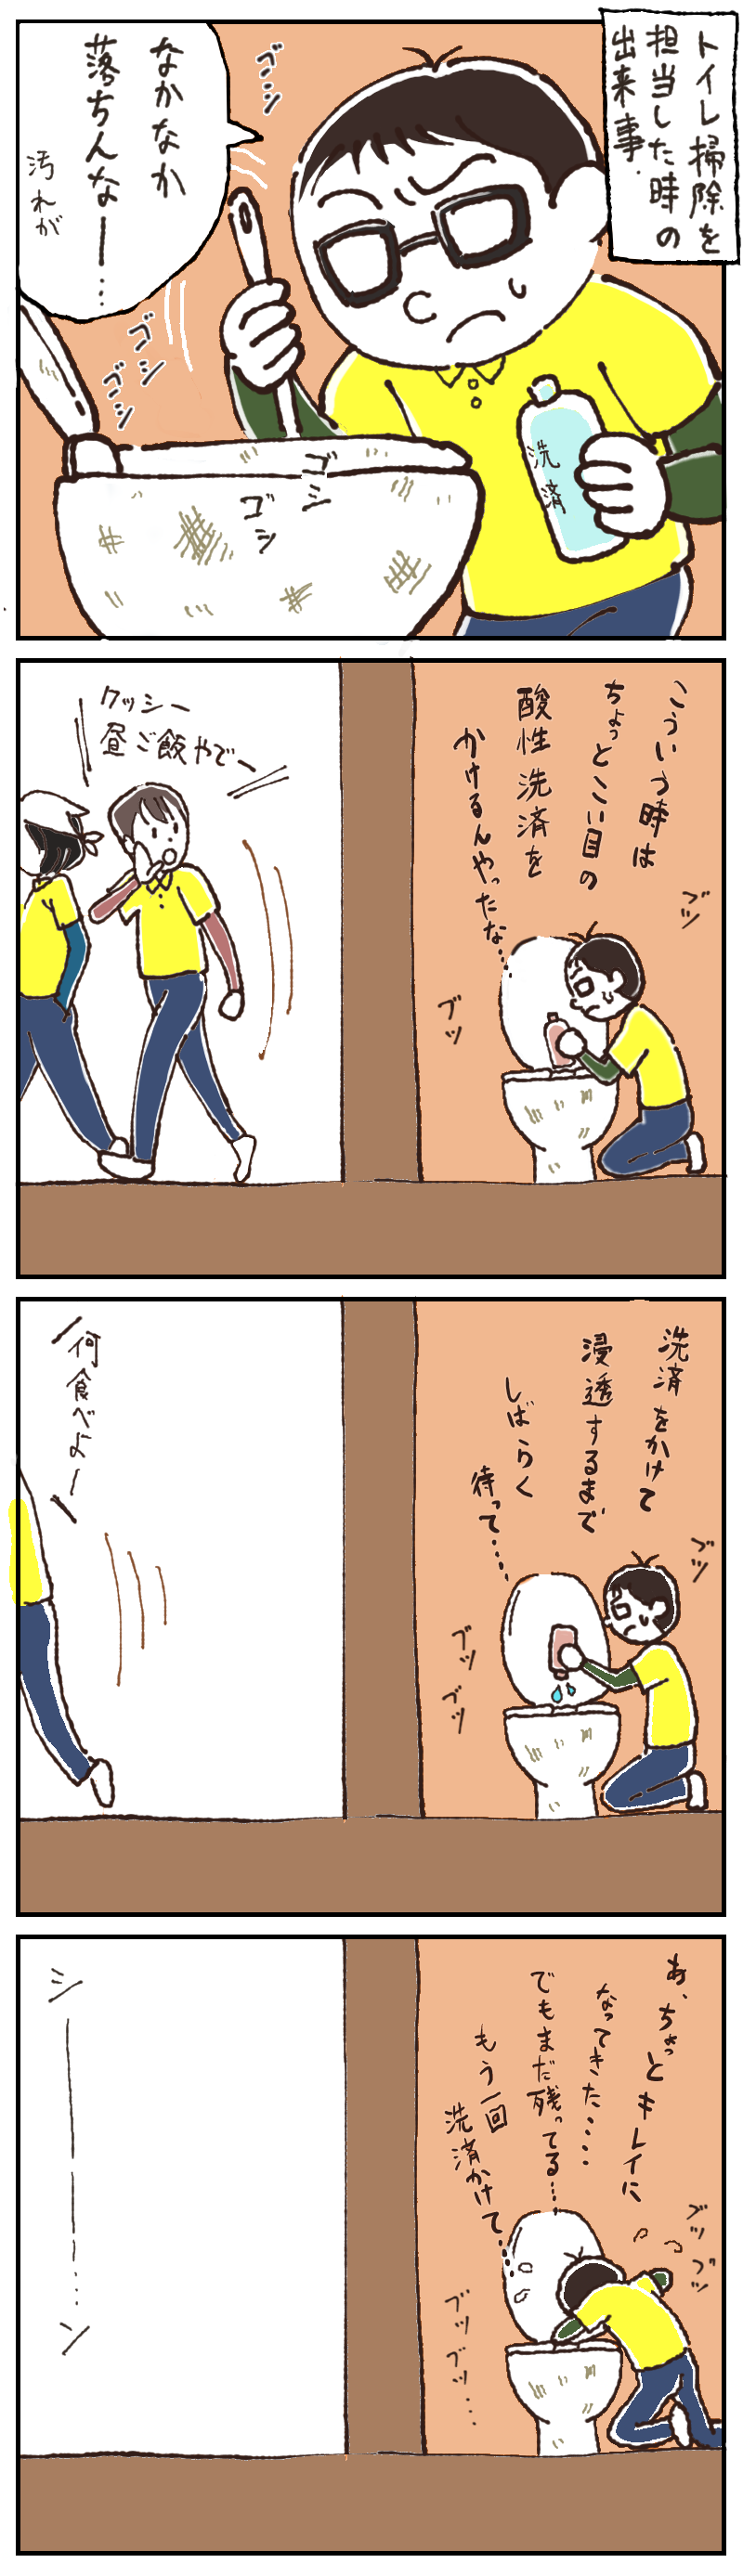 クッシーが一心不乱にトイレ掃除をしている漫画